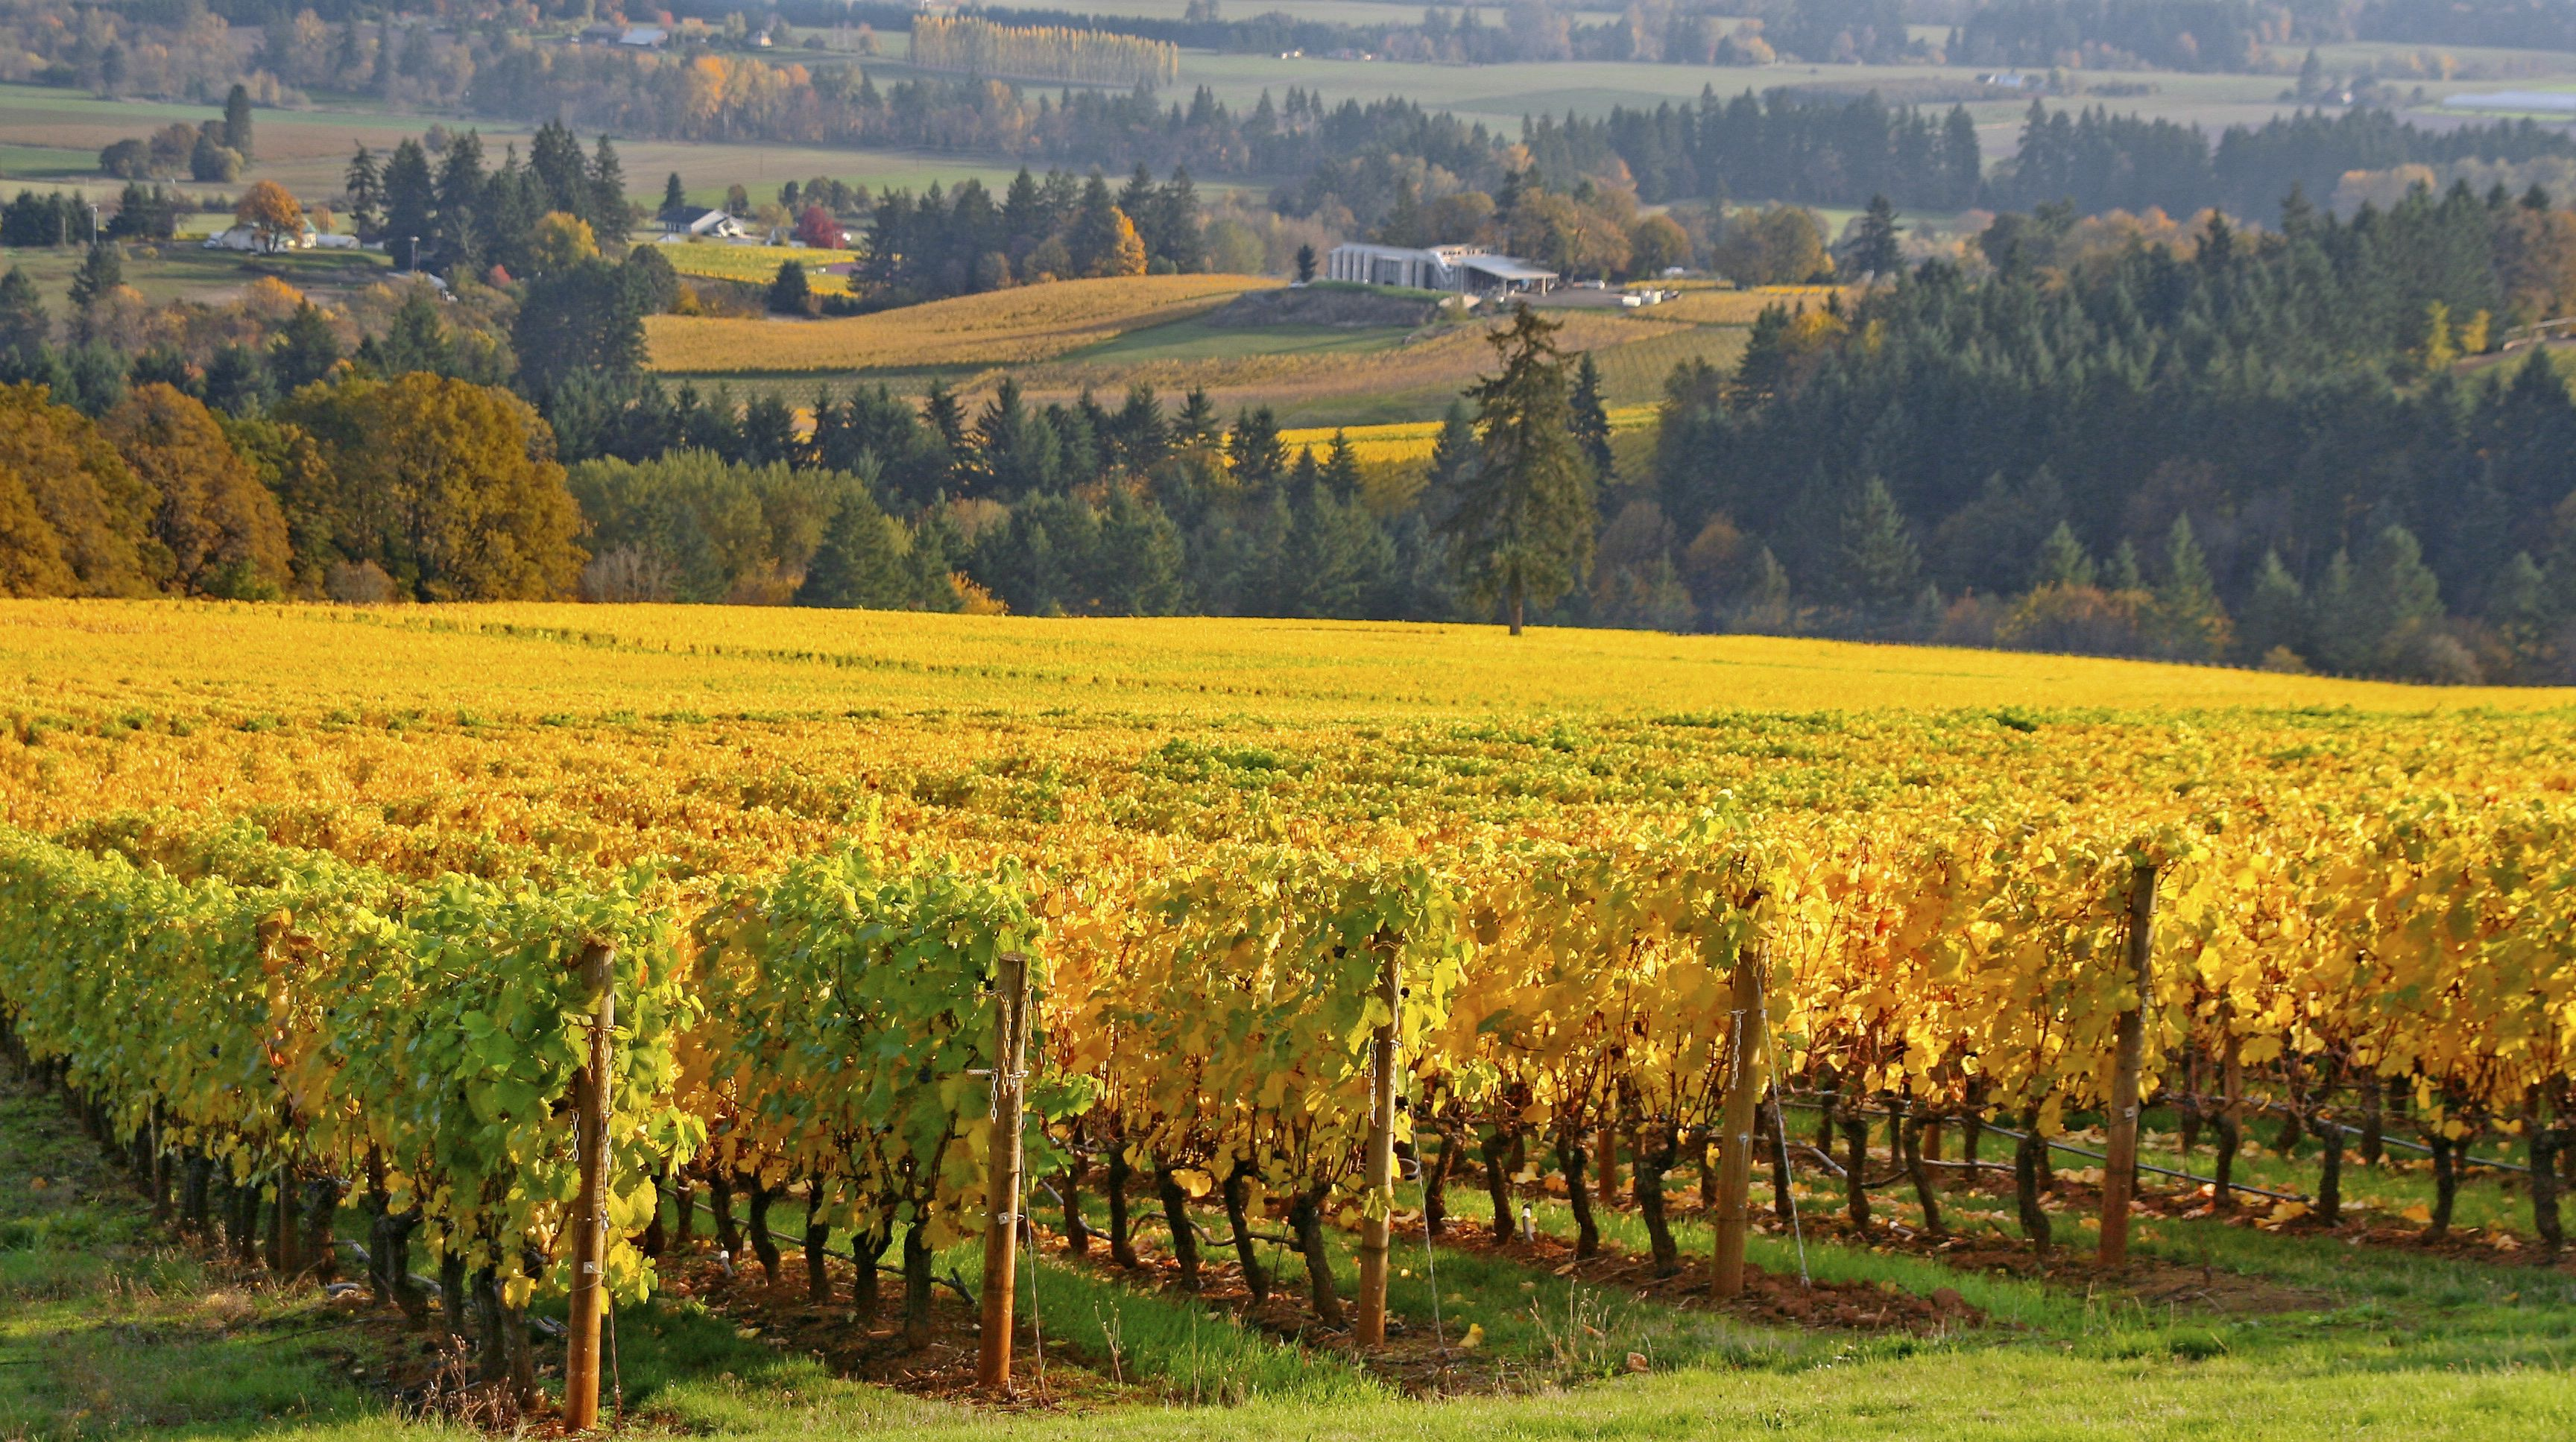 Viñedo de Willamette Valley en otoño, Oregón